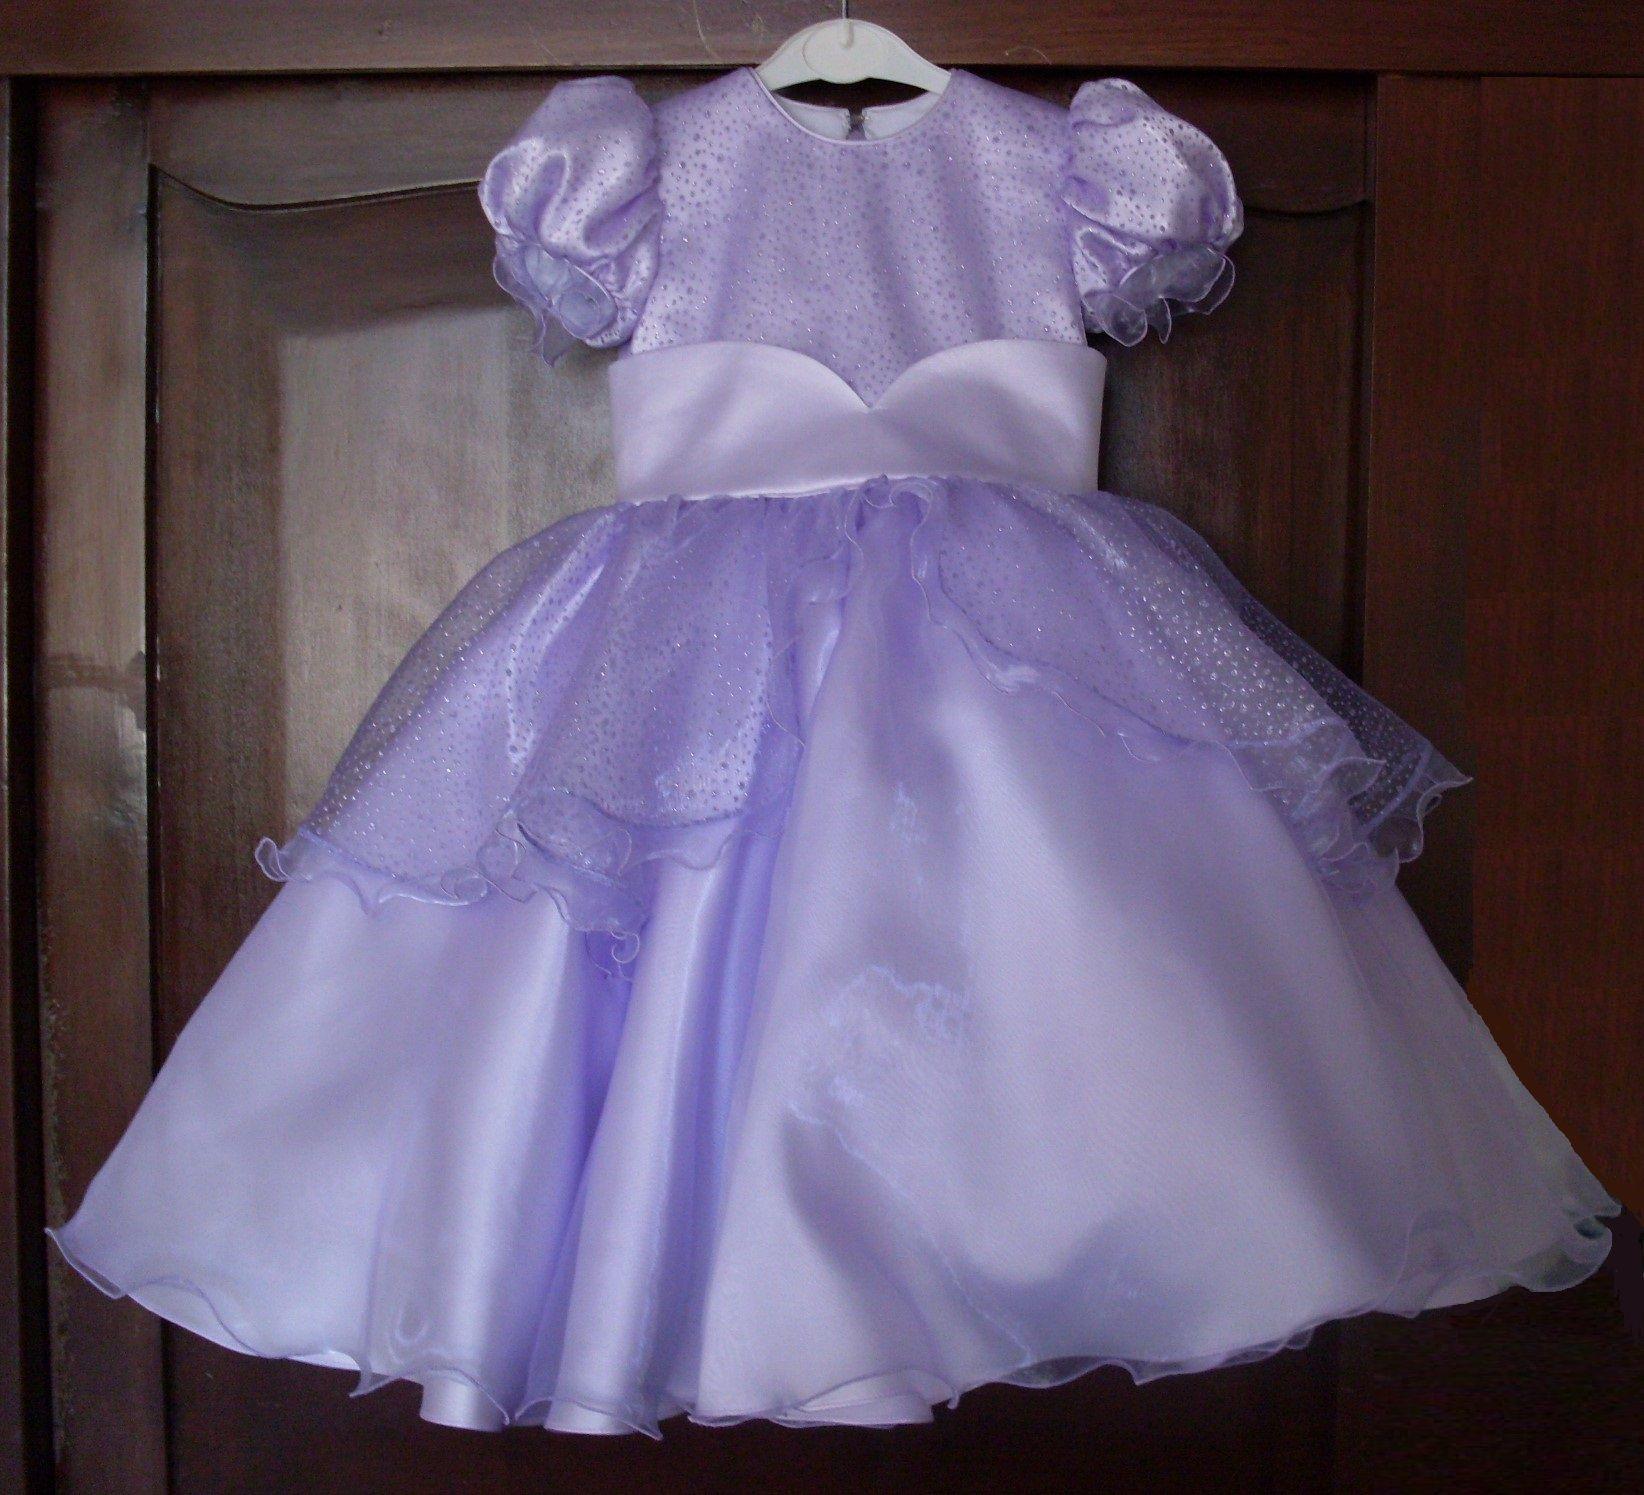 Vestido lila de raso americano con organza labrada. | Vestidos para ...